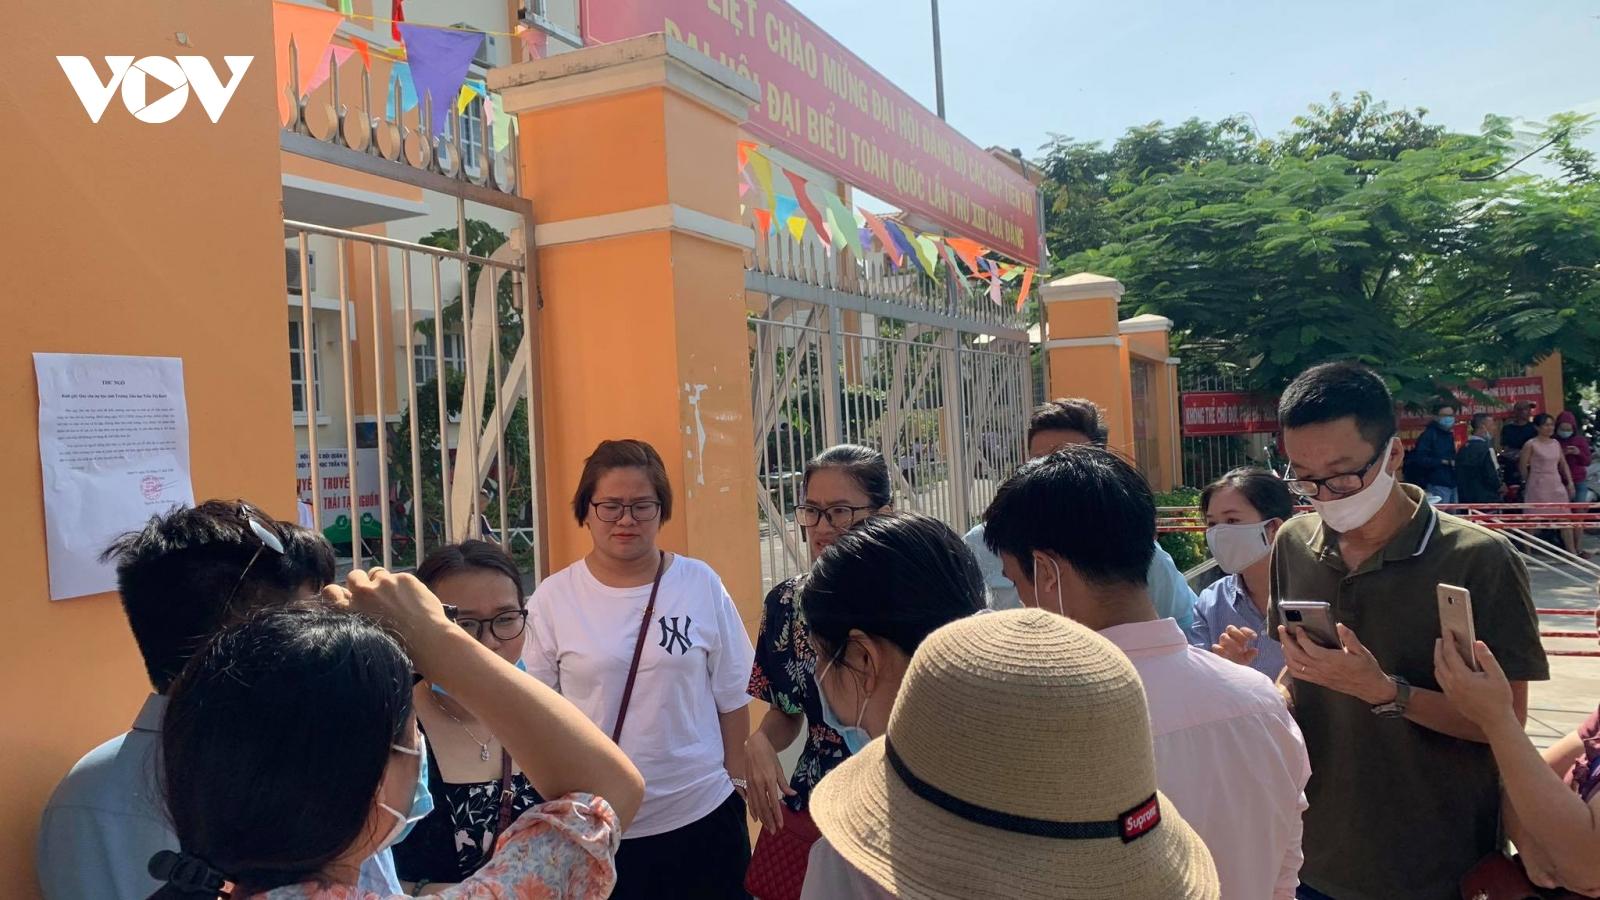 Vụ bữa ăn ở Trường Tiểu học Trần Thị Bưởi: Phụ huynh tiếp tục bức xúc